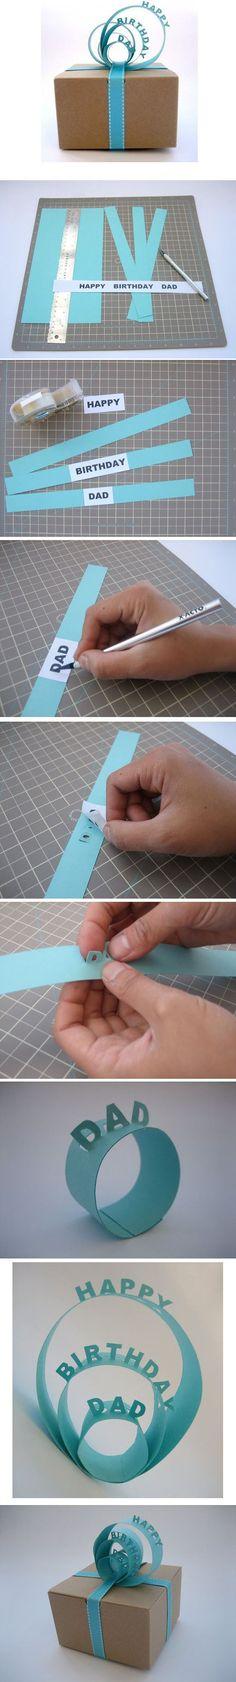 Ciekawy pomysł na opakowanie na prezent - instrukcja